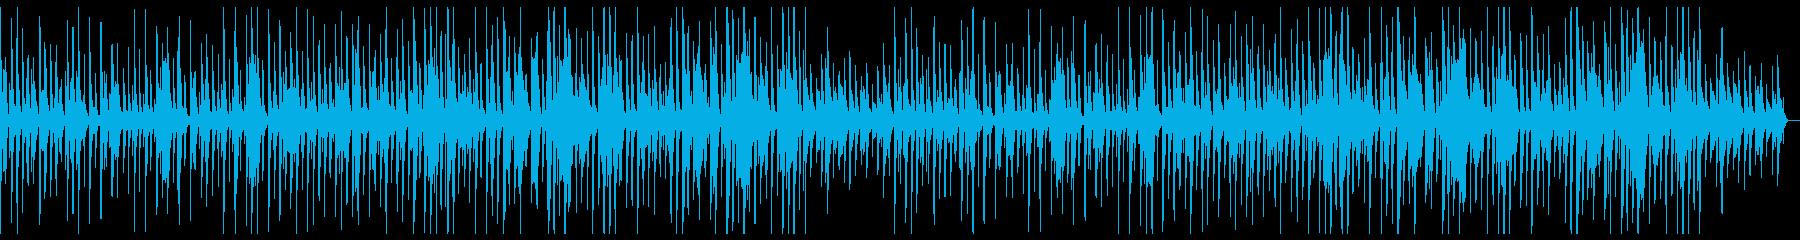 和風でかわいい曲の再生済みの波形